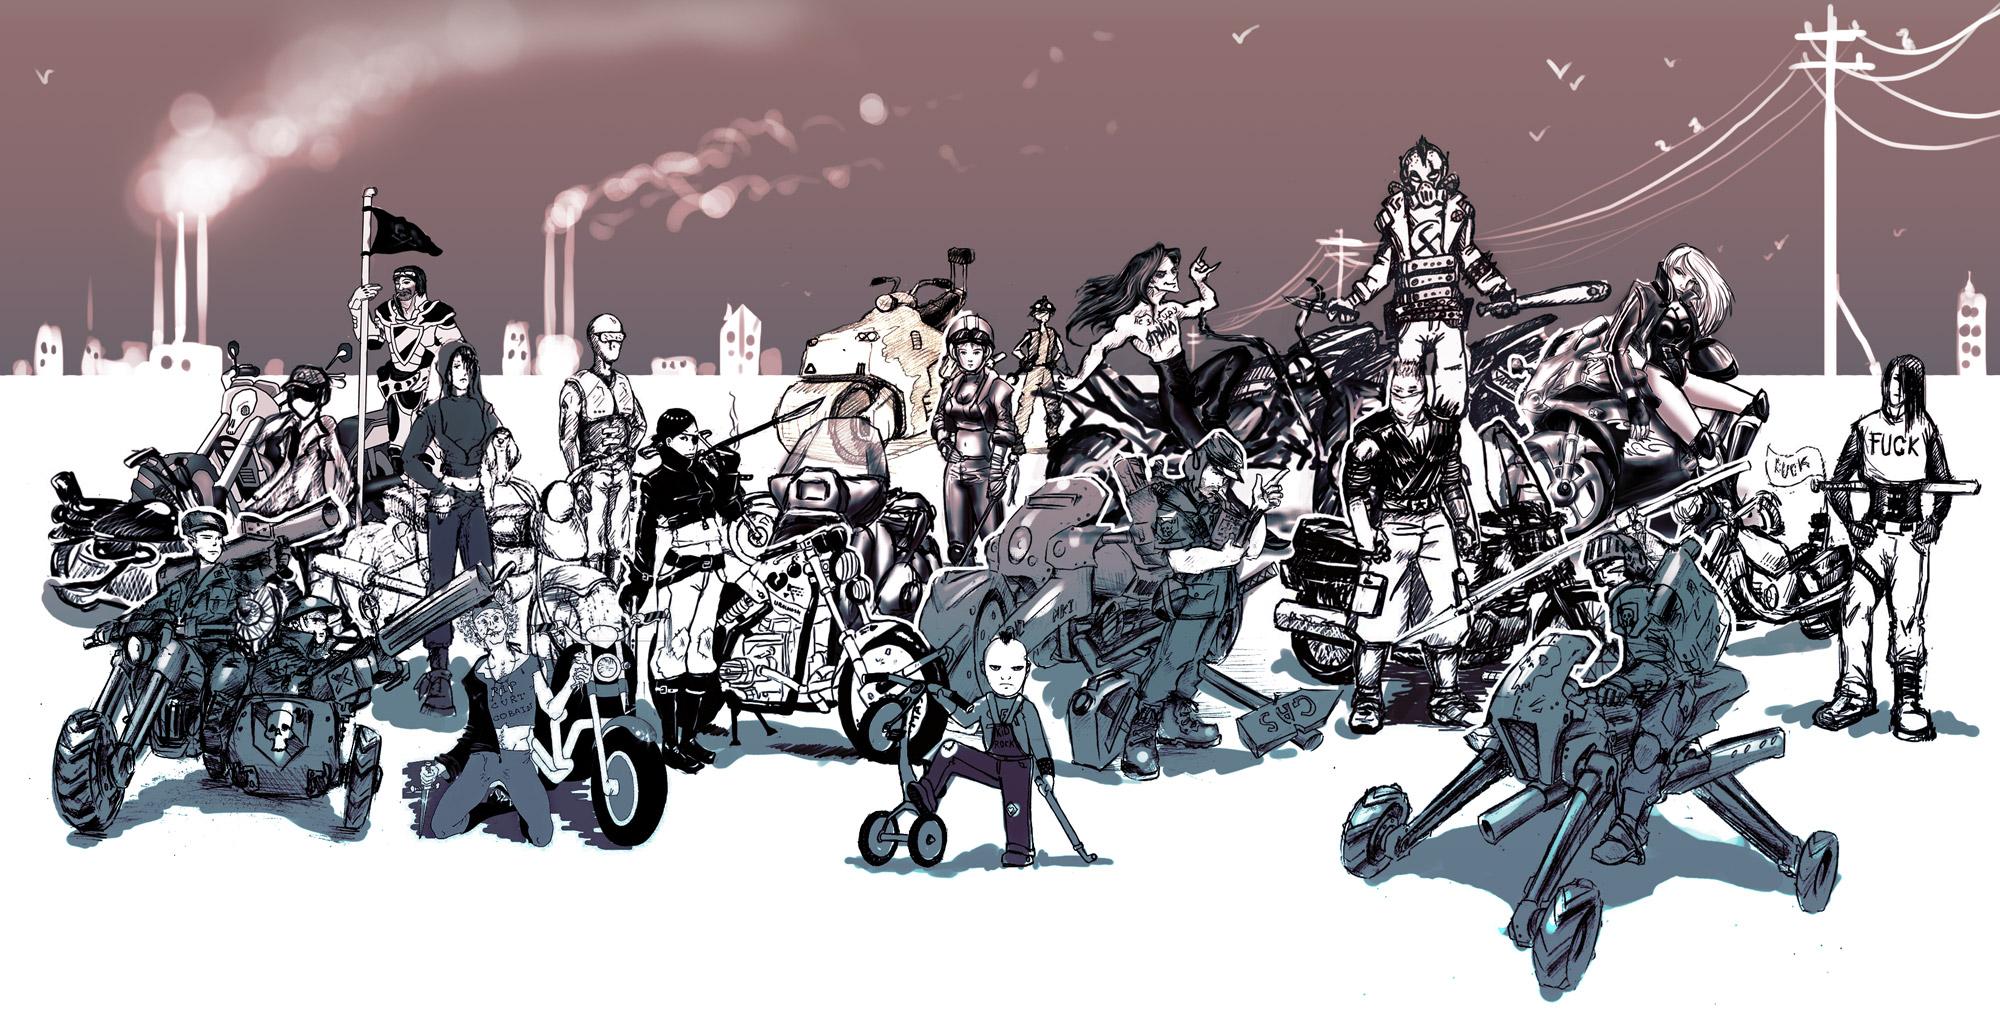 Http//dmitrysdeviantartcom/art/Russian Biker Gang Final